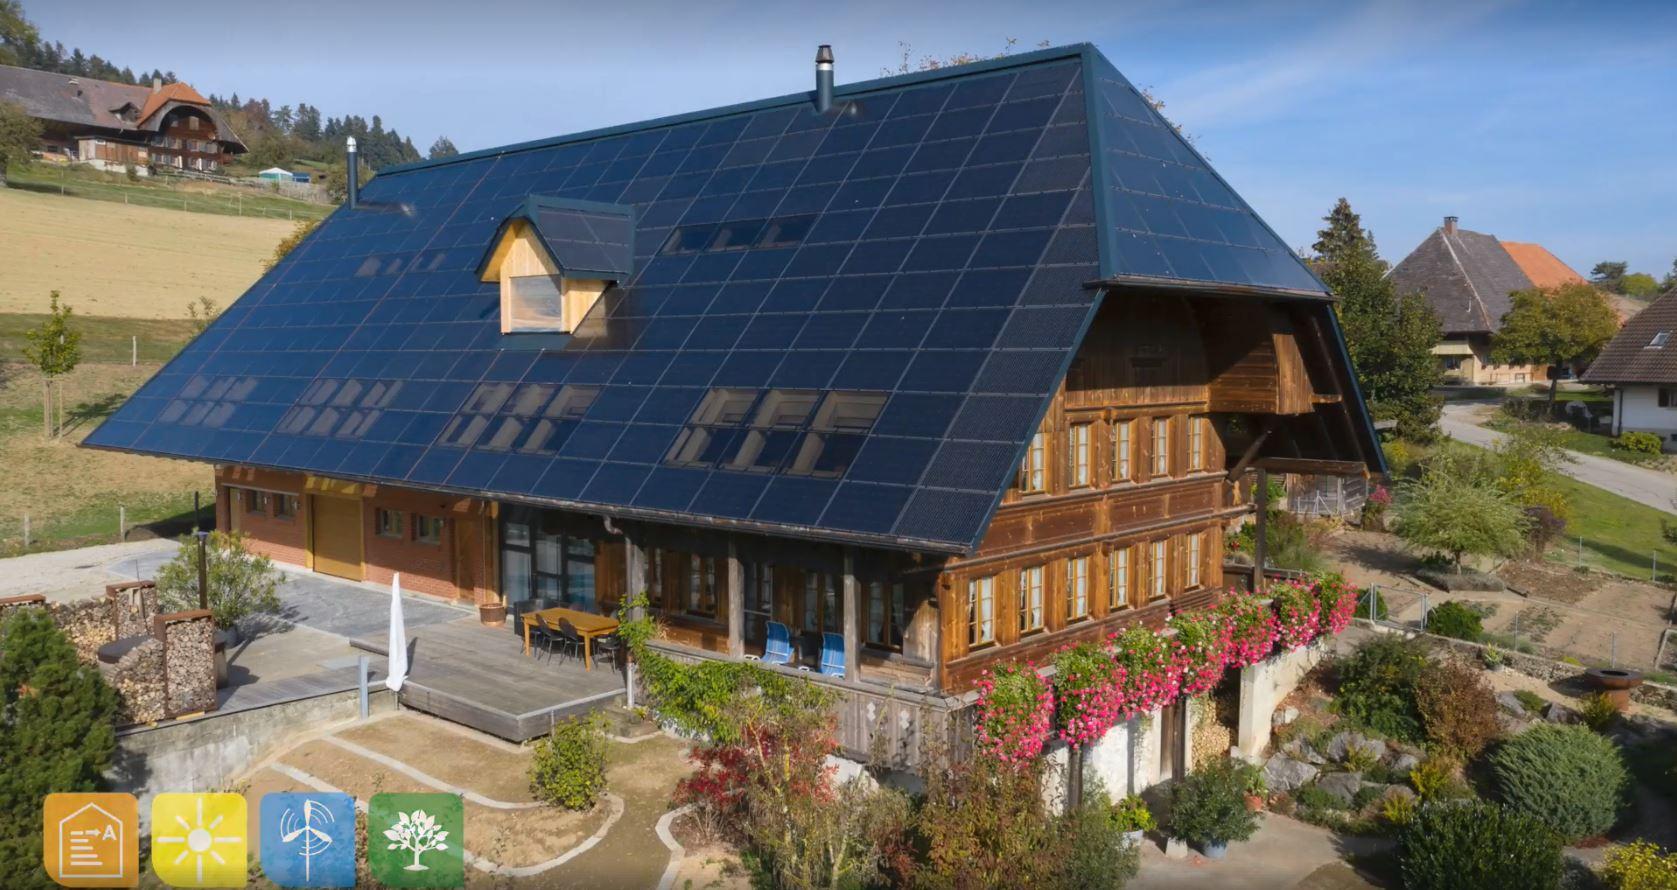 Energiewende und landschaftsgerechtes (Um-)Bauen